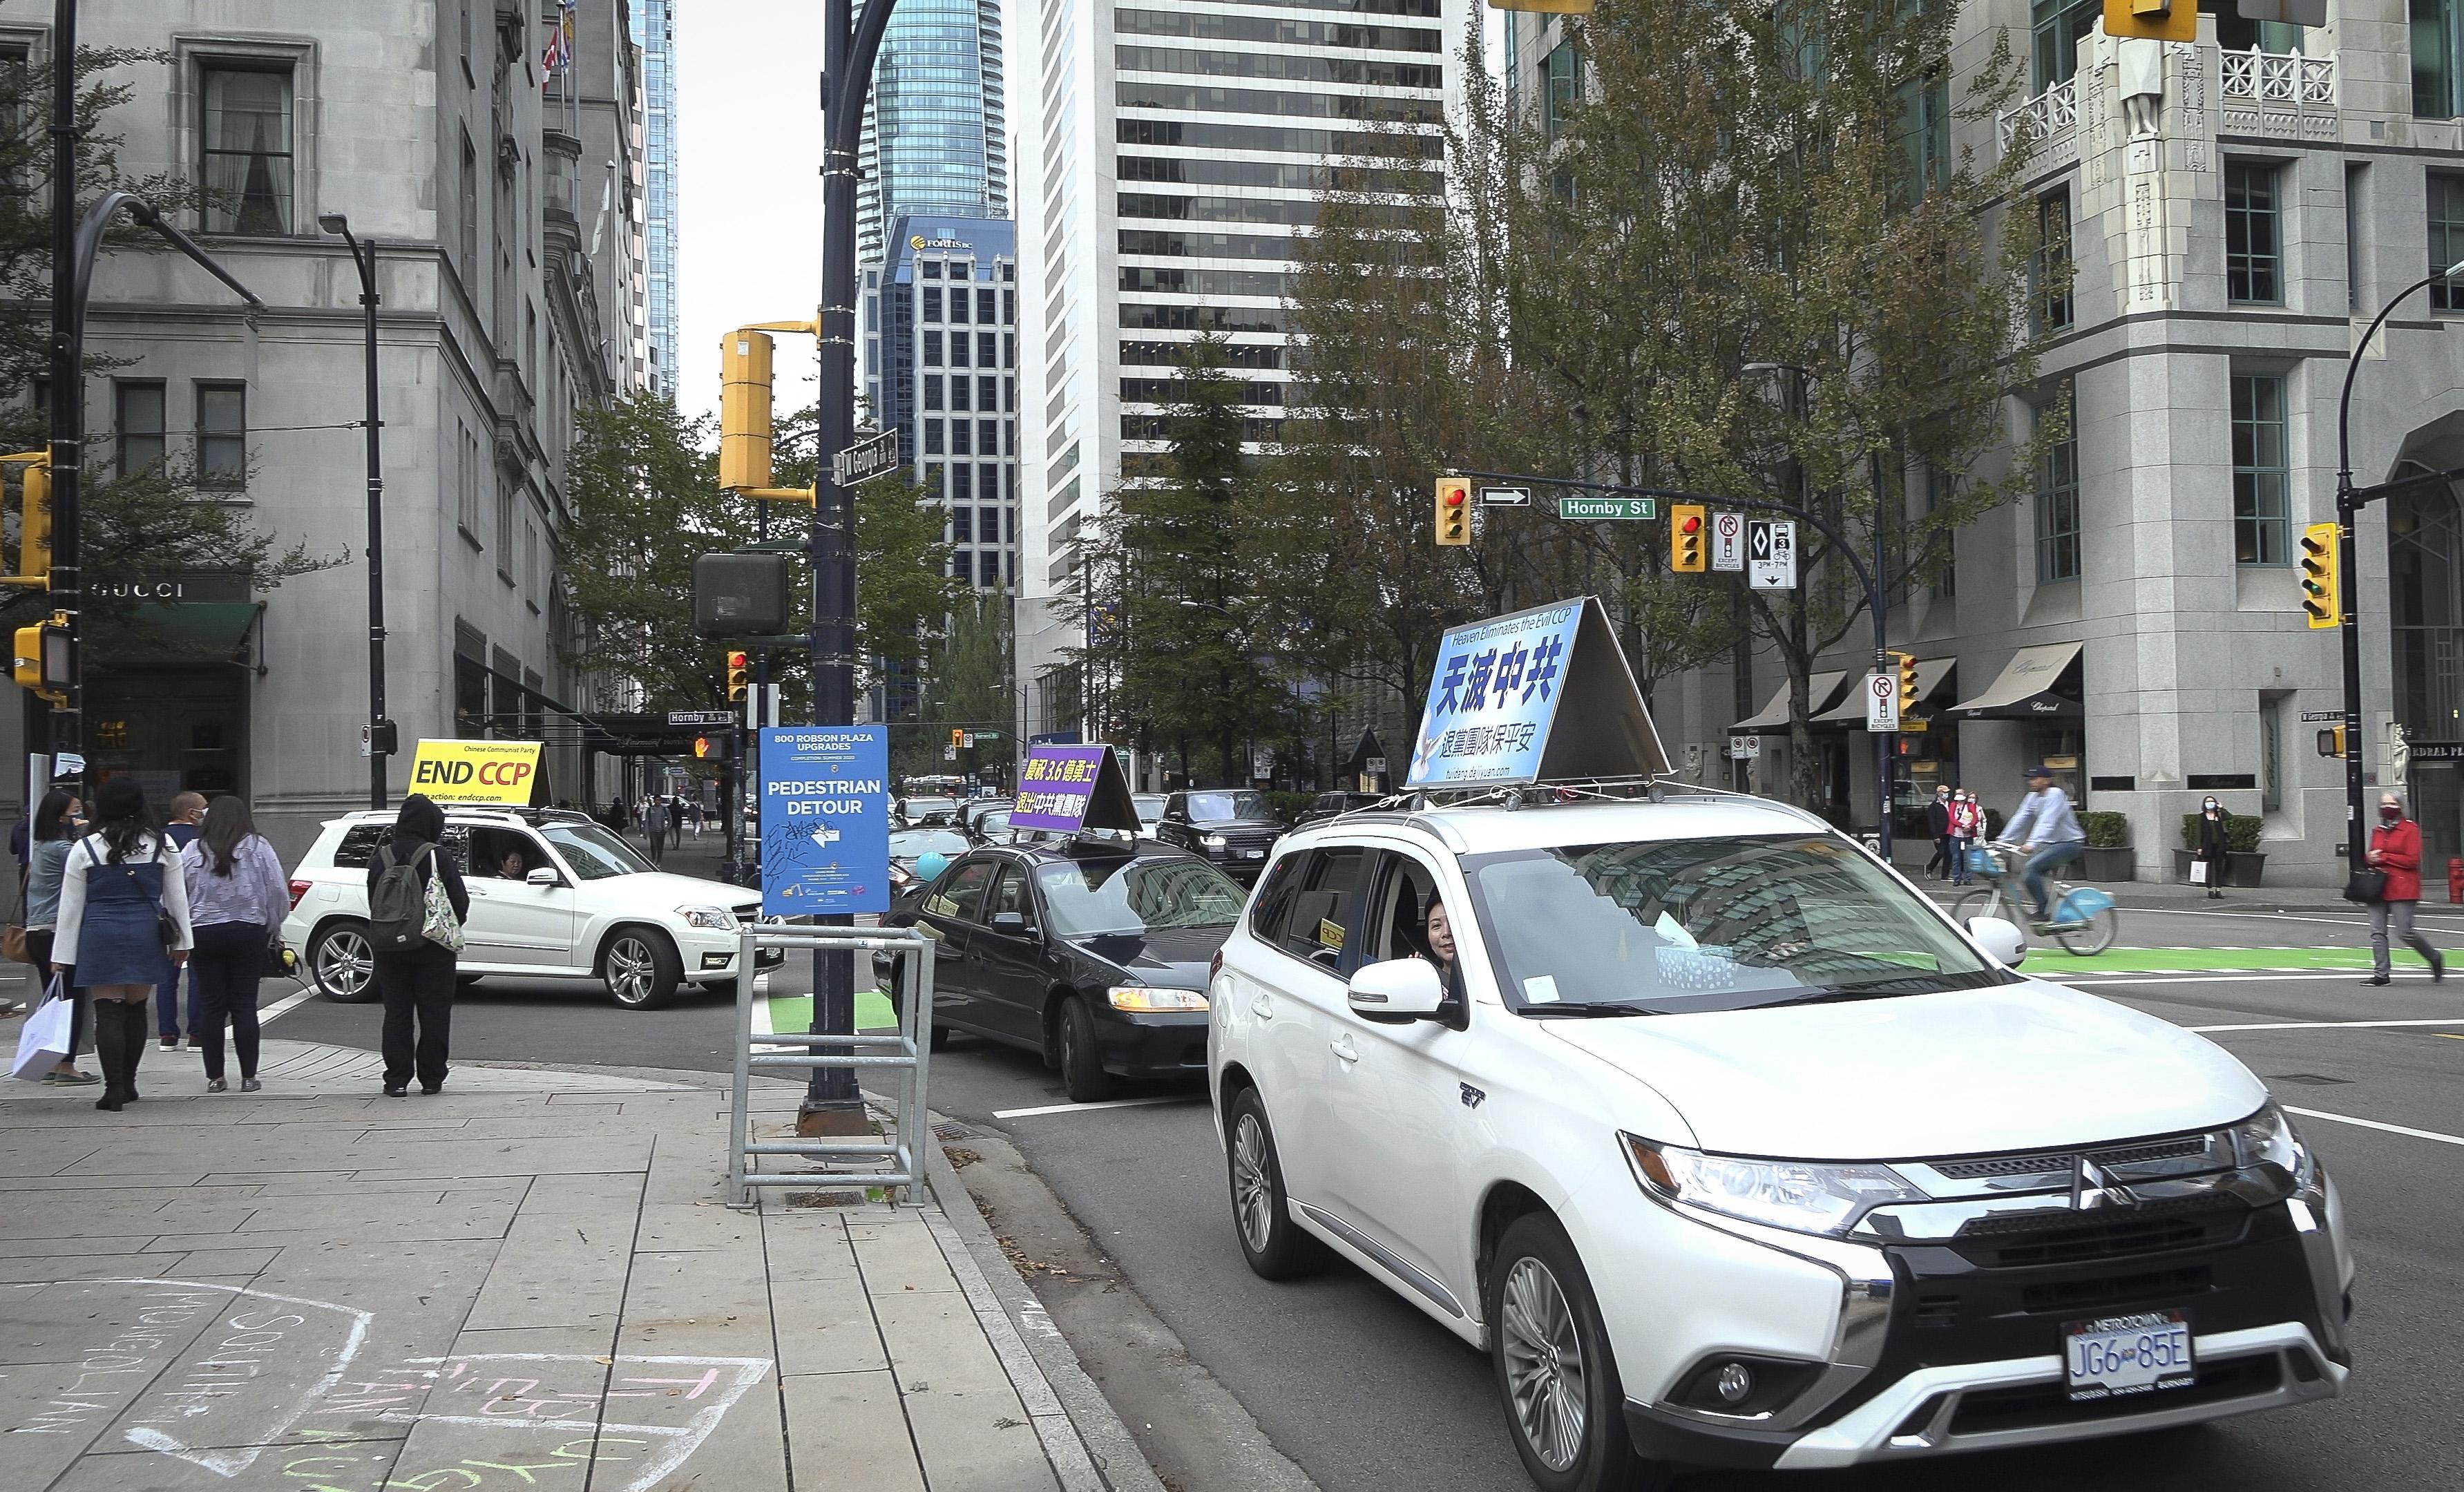 「終結中共」汽車遊行 溫哥華民眾:支持